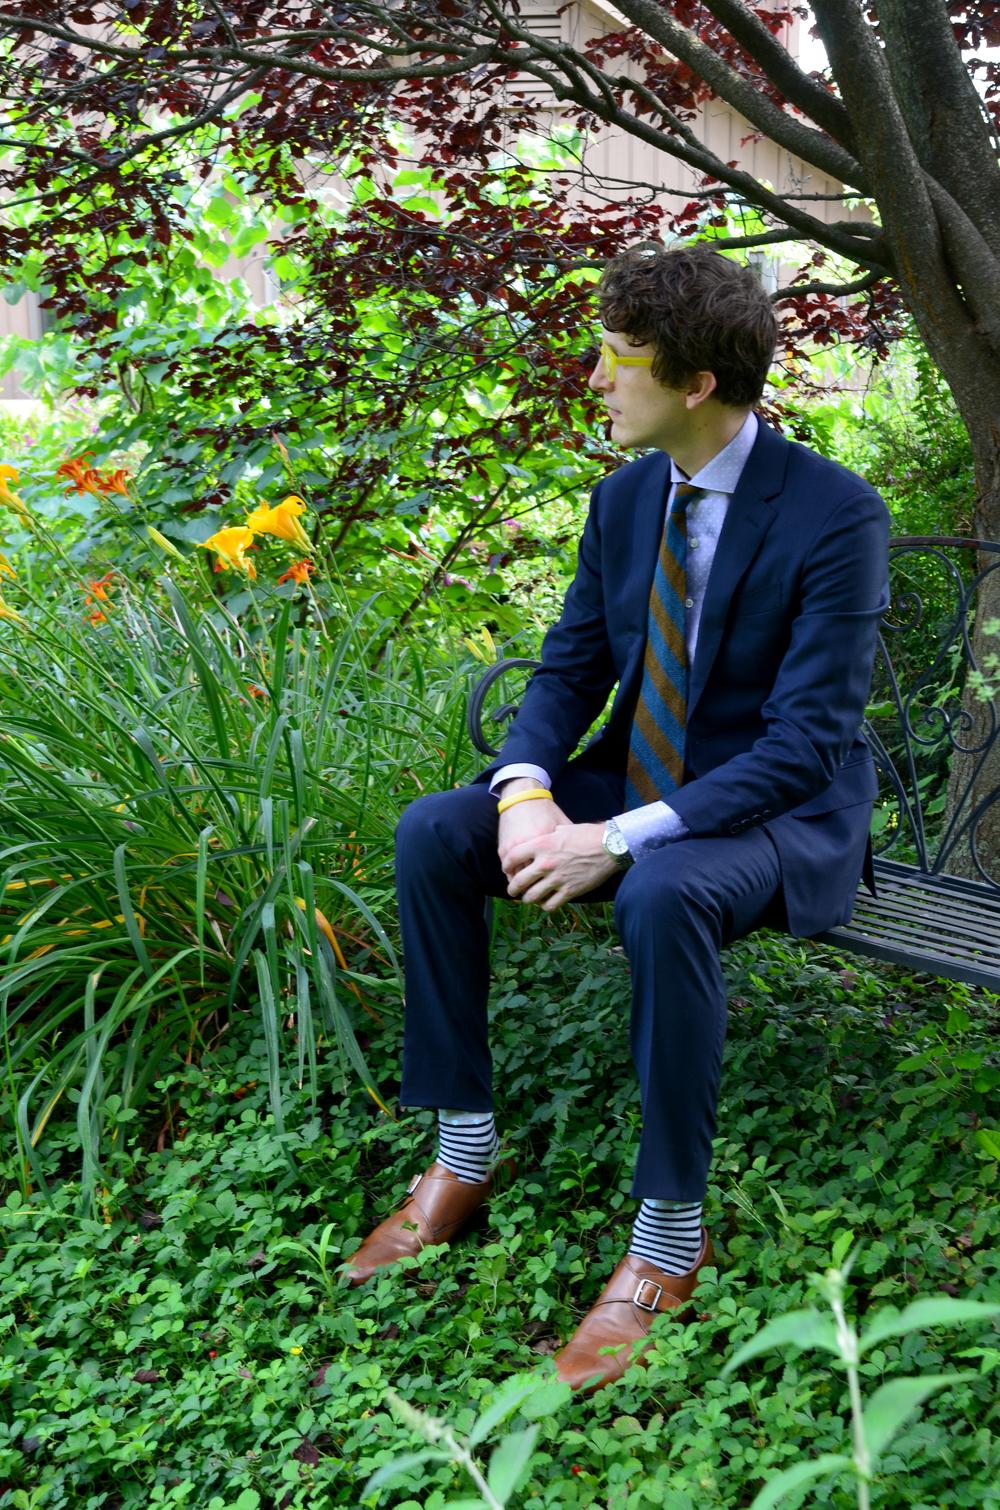 Sitting in Andre Phillipe Suit